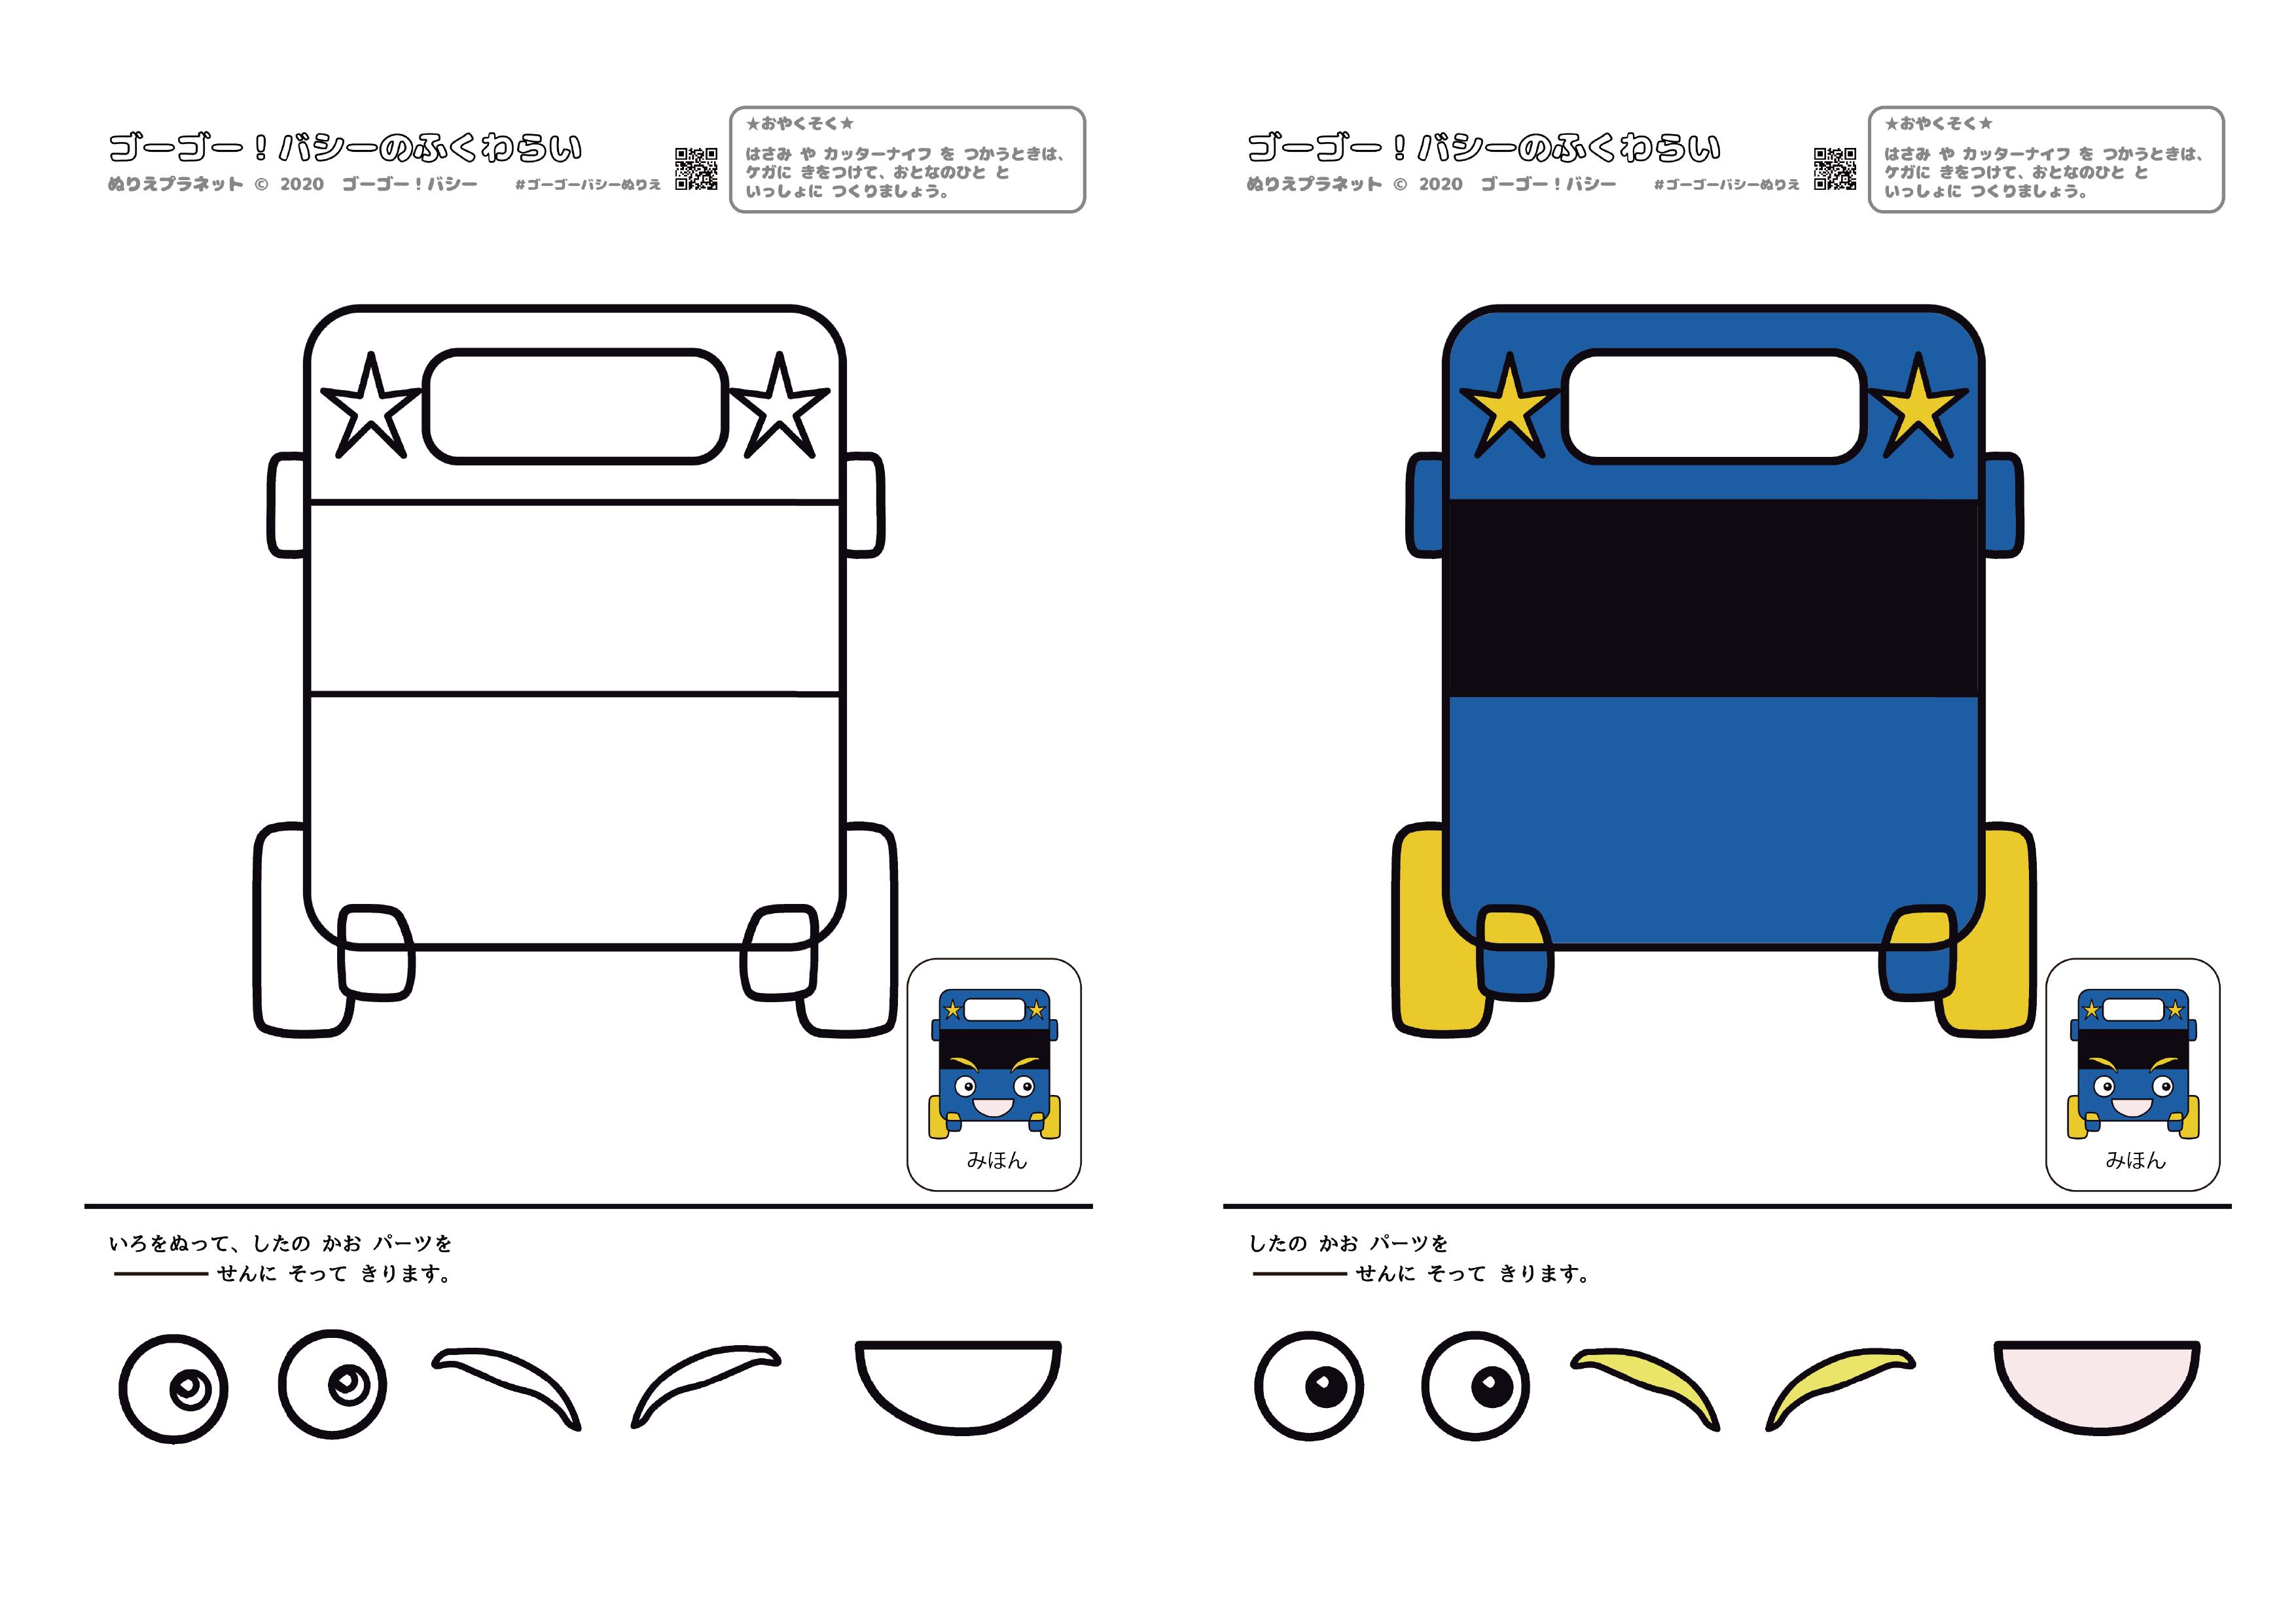 お正月はみんなで福笑い!ゴーゴー!バシーのバスのバシーのふくわらい。アイキャッチ用画像です。